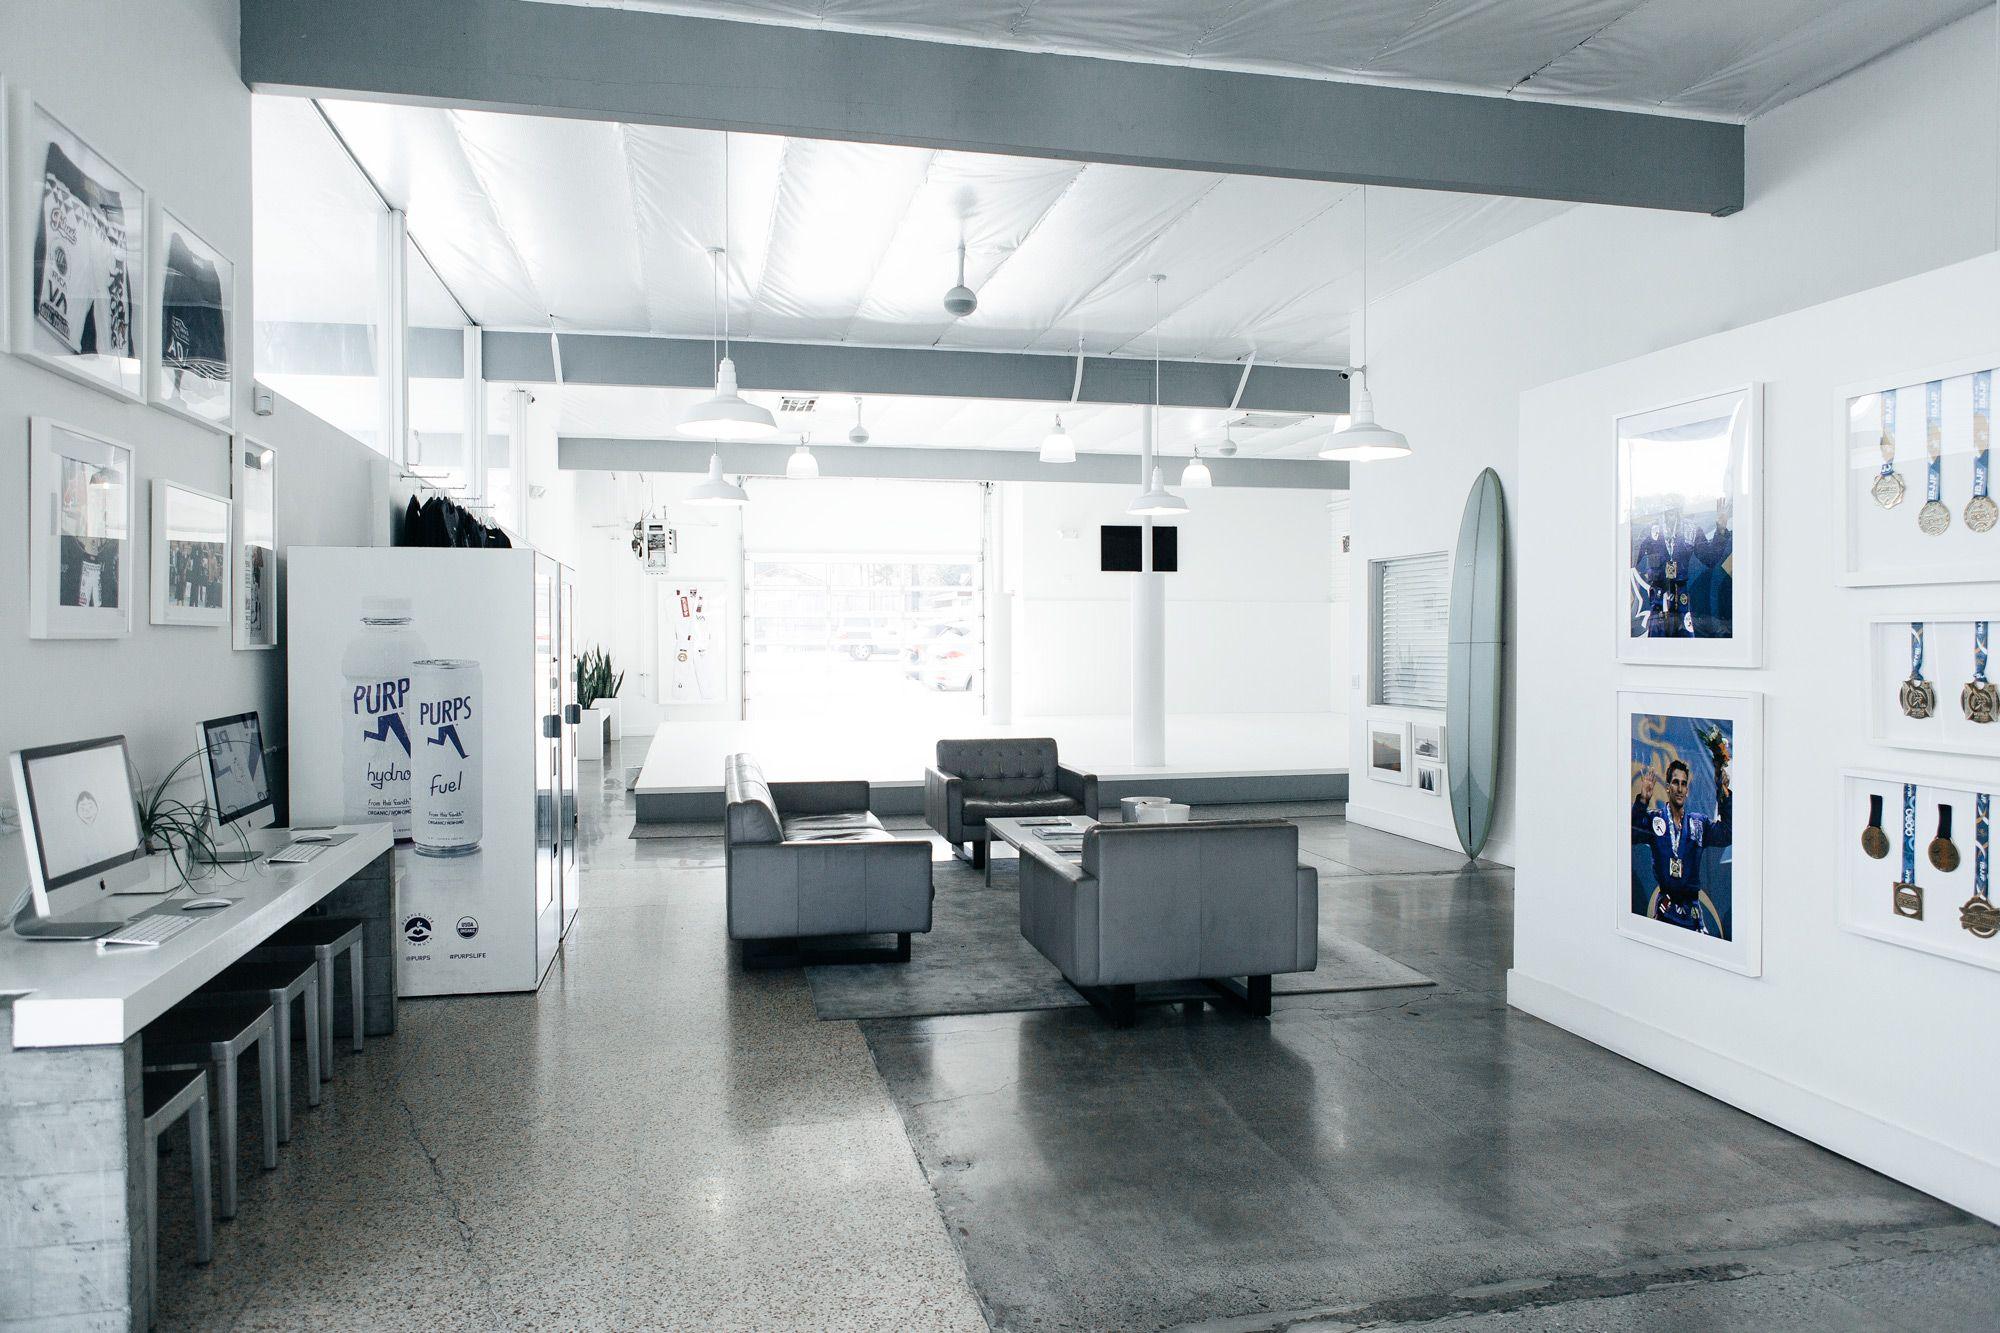 Art of jiu jitsu facility gym design interior gym